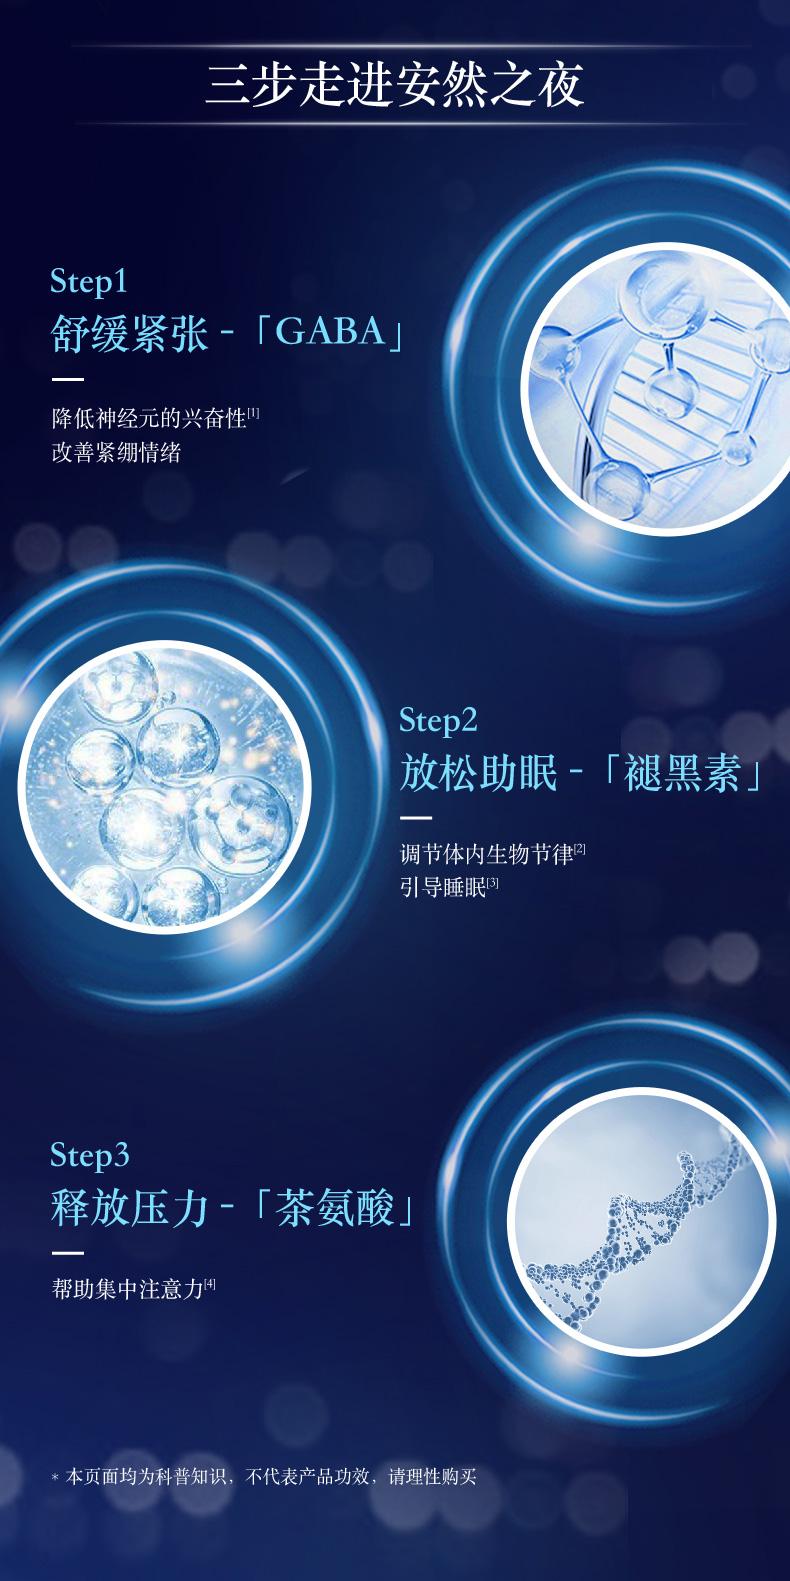 陈伟霆同款GNC小魔瓶3D睡眠饮30ml6瓶褪黑素睡眠水舒缓焦虑茶氨酸 营养产品 第3张